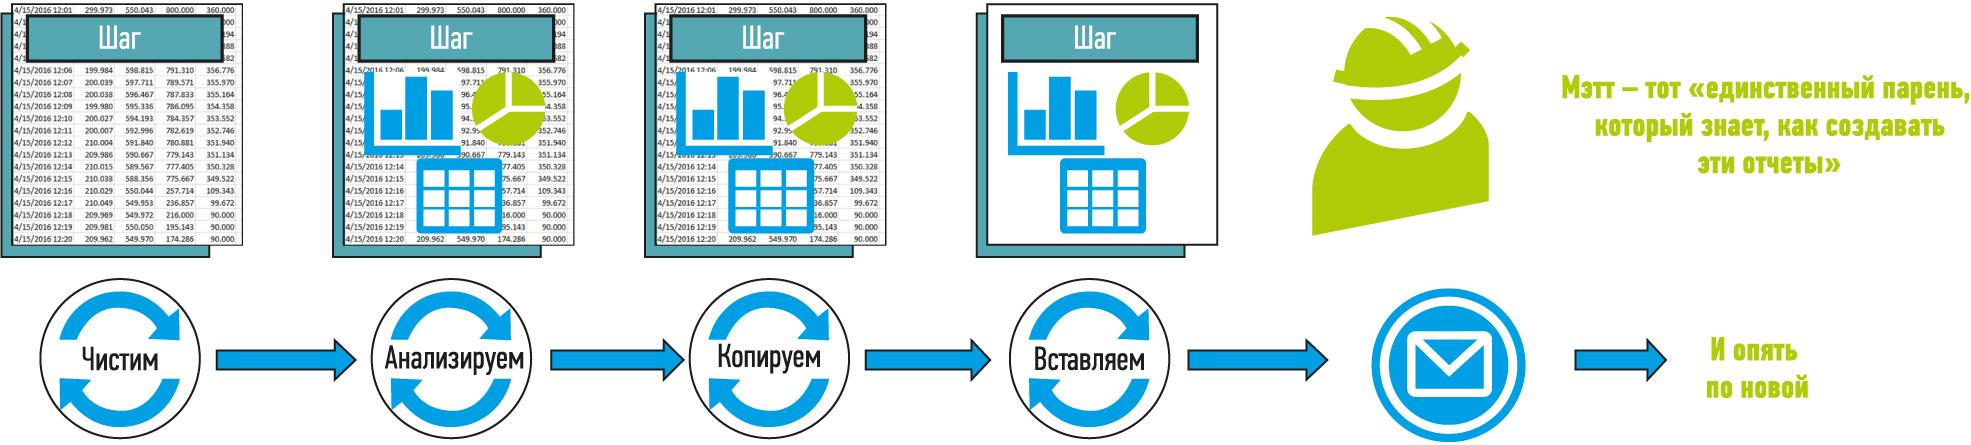 Выделение, основанное на данных, полученных в результате анализа электронных таблиц. Последующее распространение этой информации является трудоемким и длительным процессом